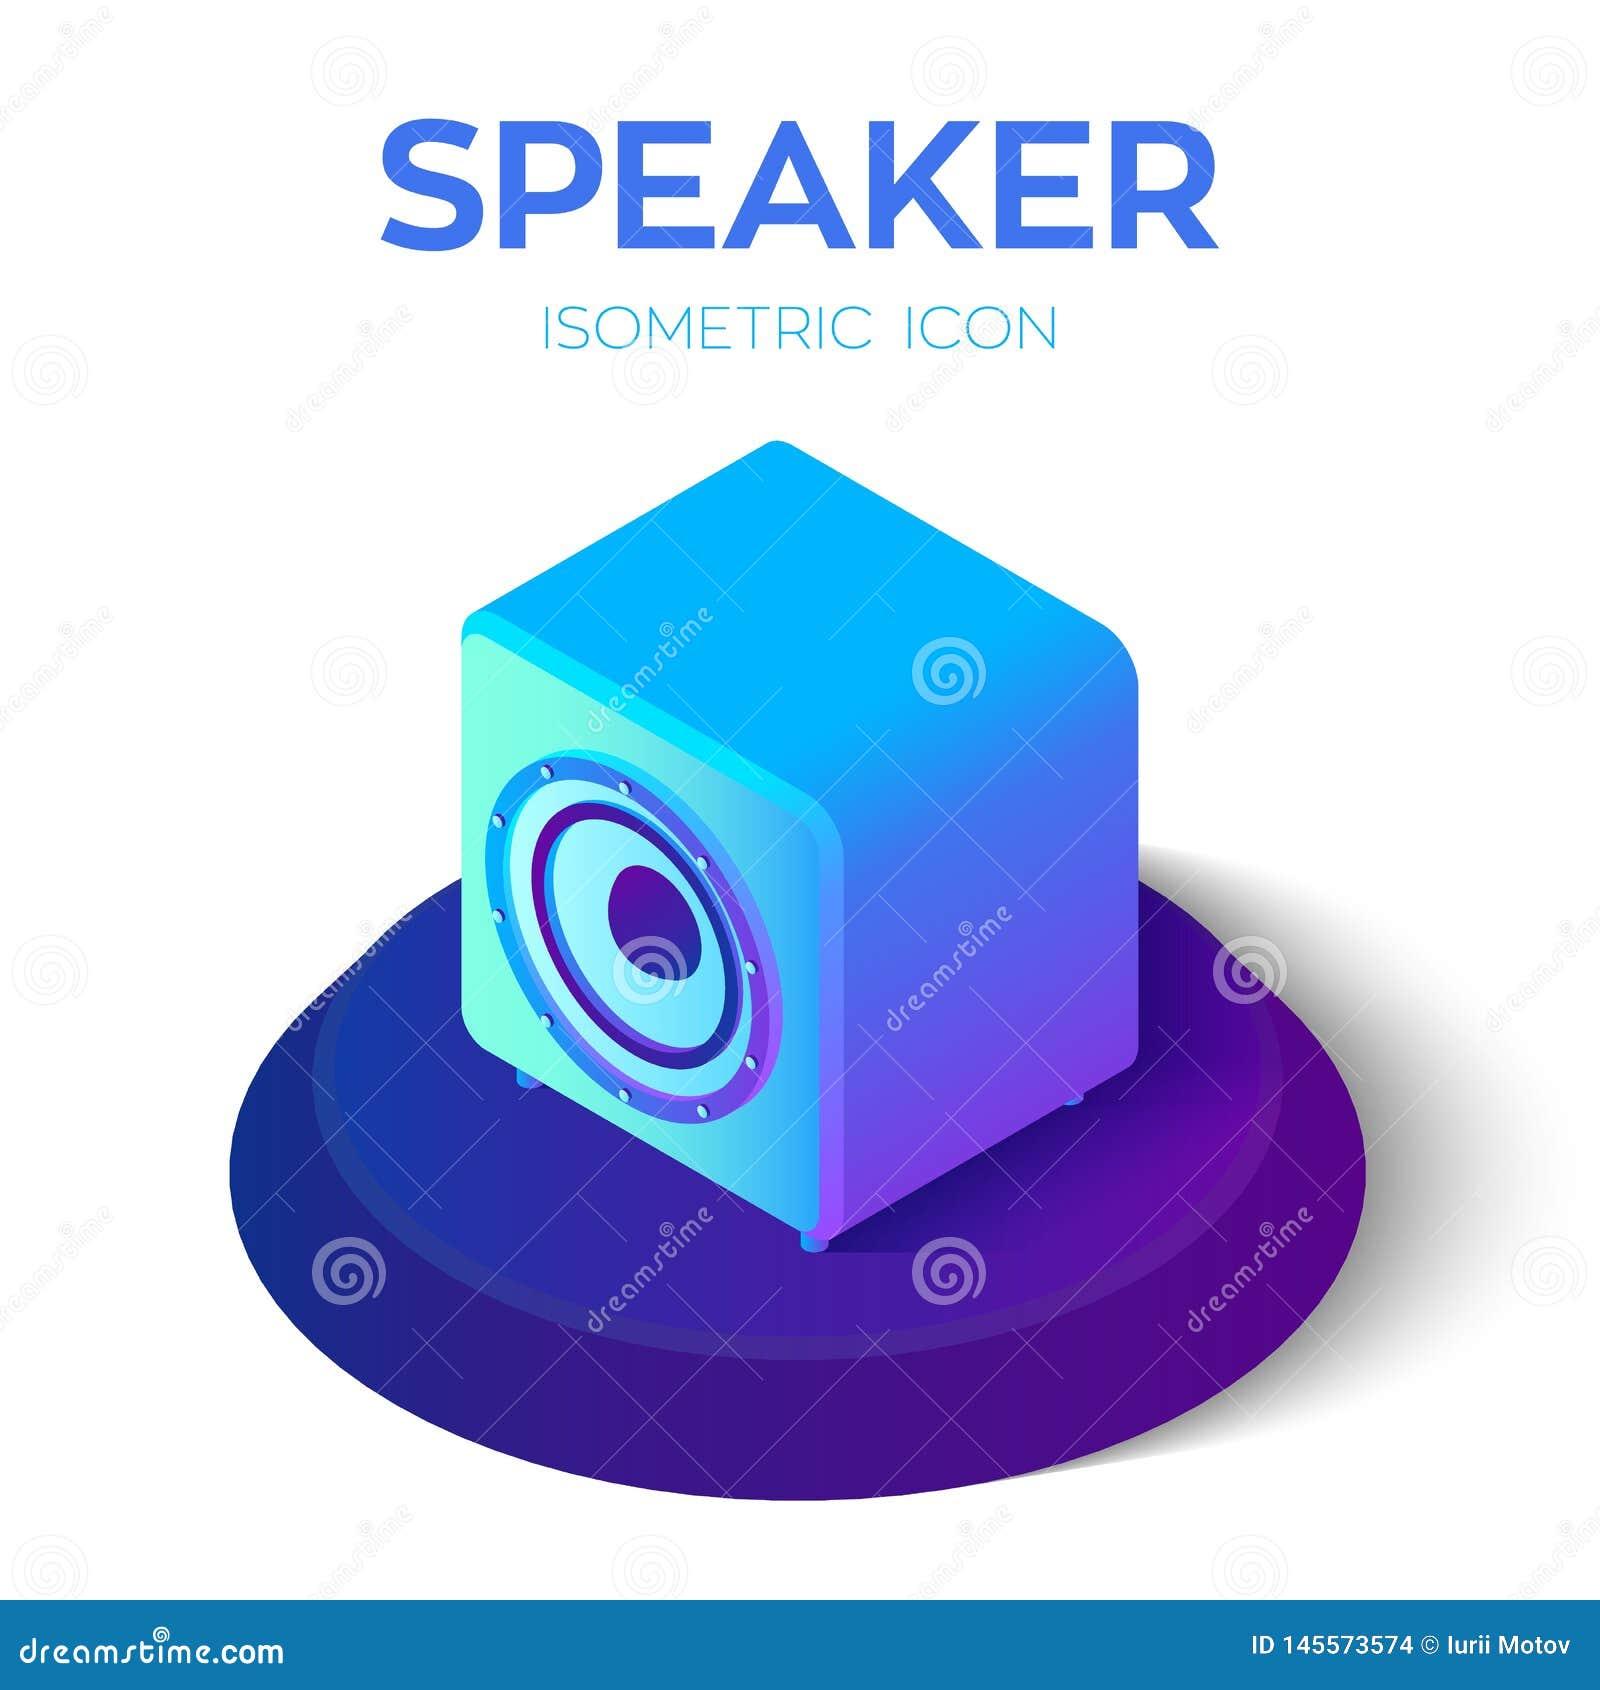 Orateur Ic?ne isom?trique acoustique du haut-parleur 3D Cr?? pour le mobile, Web, d?cor, produits d impression, application Perfe